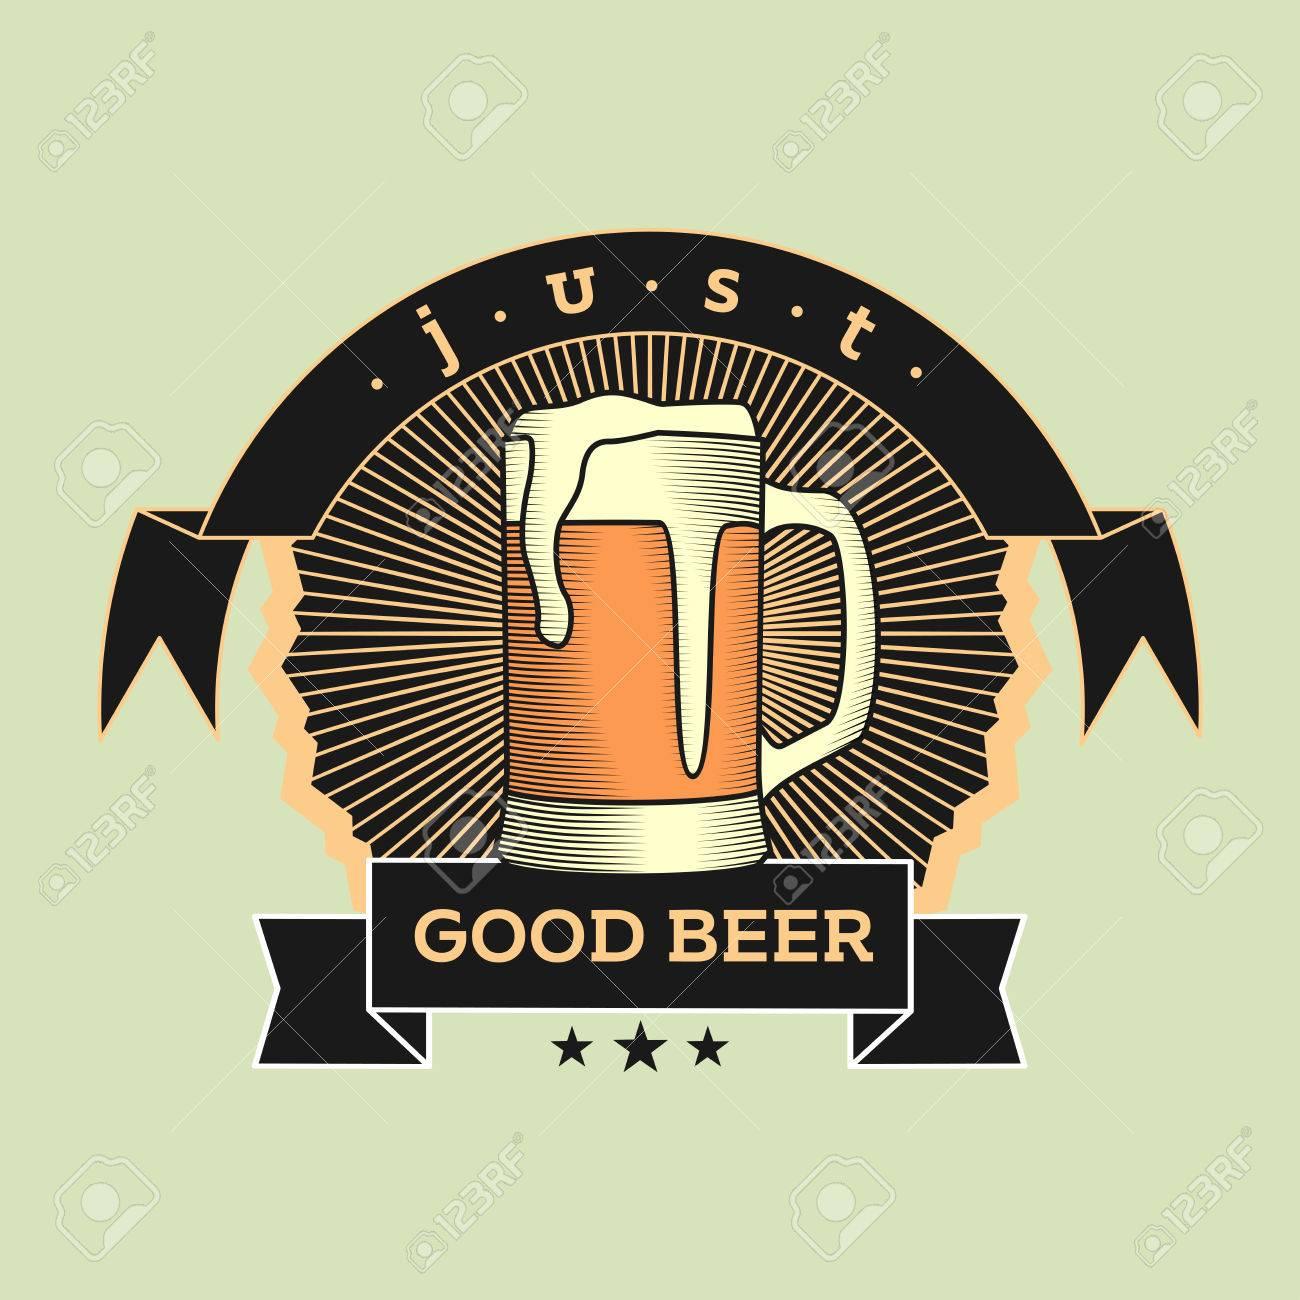 Brew House Vintage Logotype Sur Fond Clair Pour Beer Brewing Company Bar Pub Peut Tre Utilis Concevoir Des Cartes De Visite Affiches